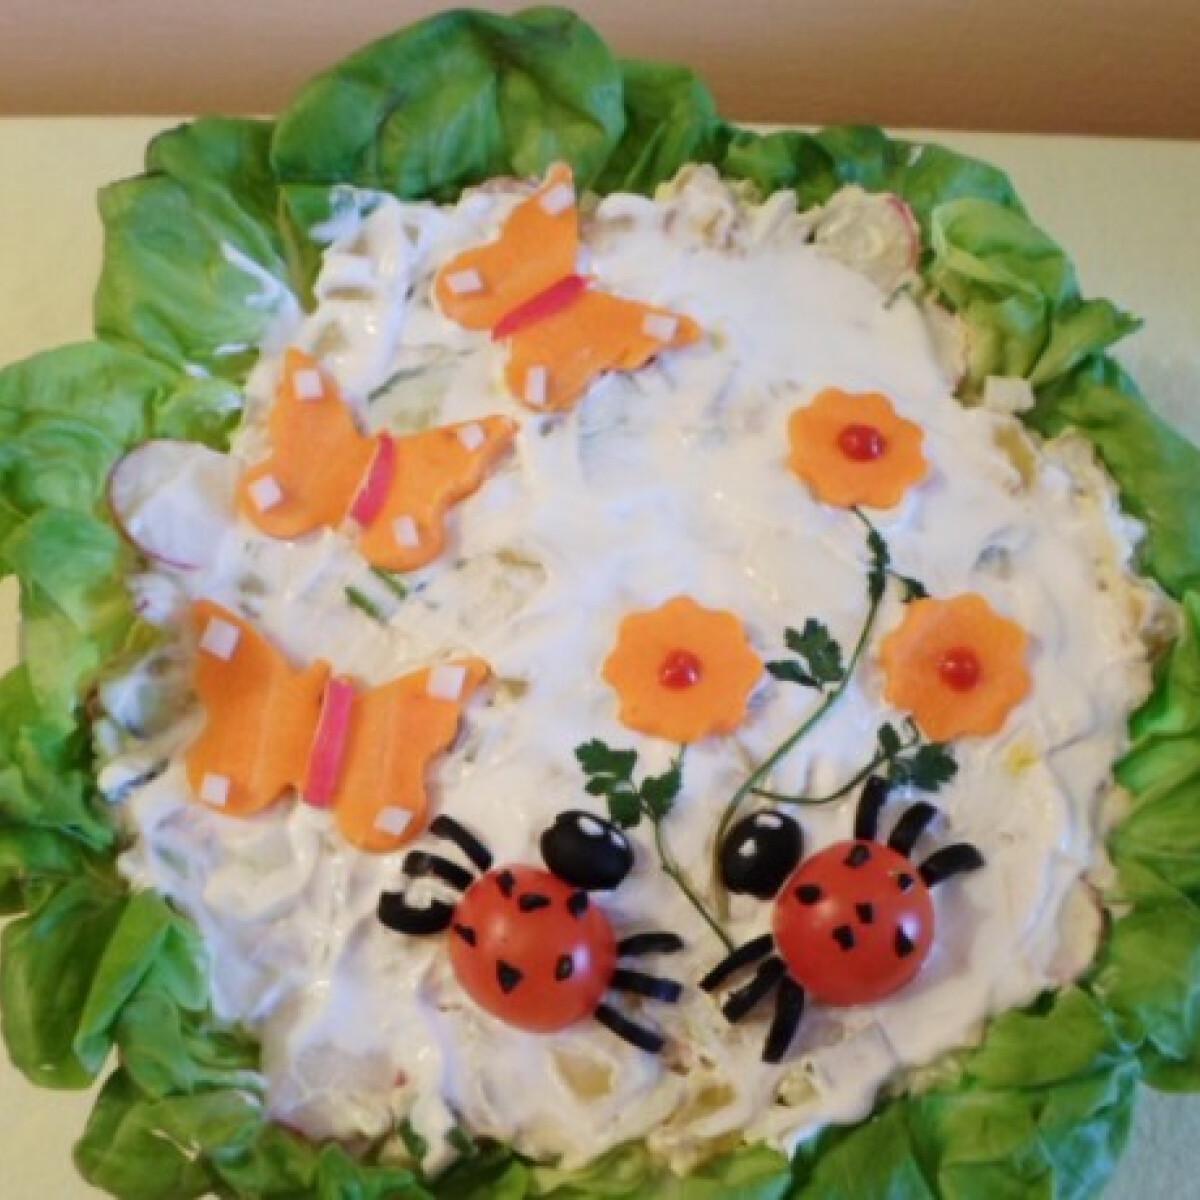 Tavaszi saláta vidám tálalásban